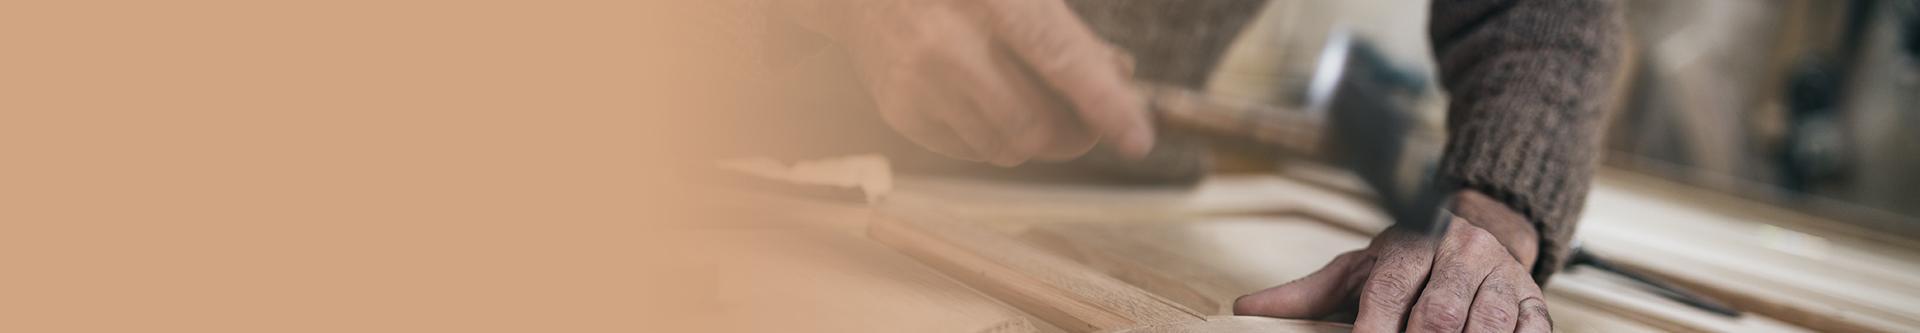 Prace przy drewnie